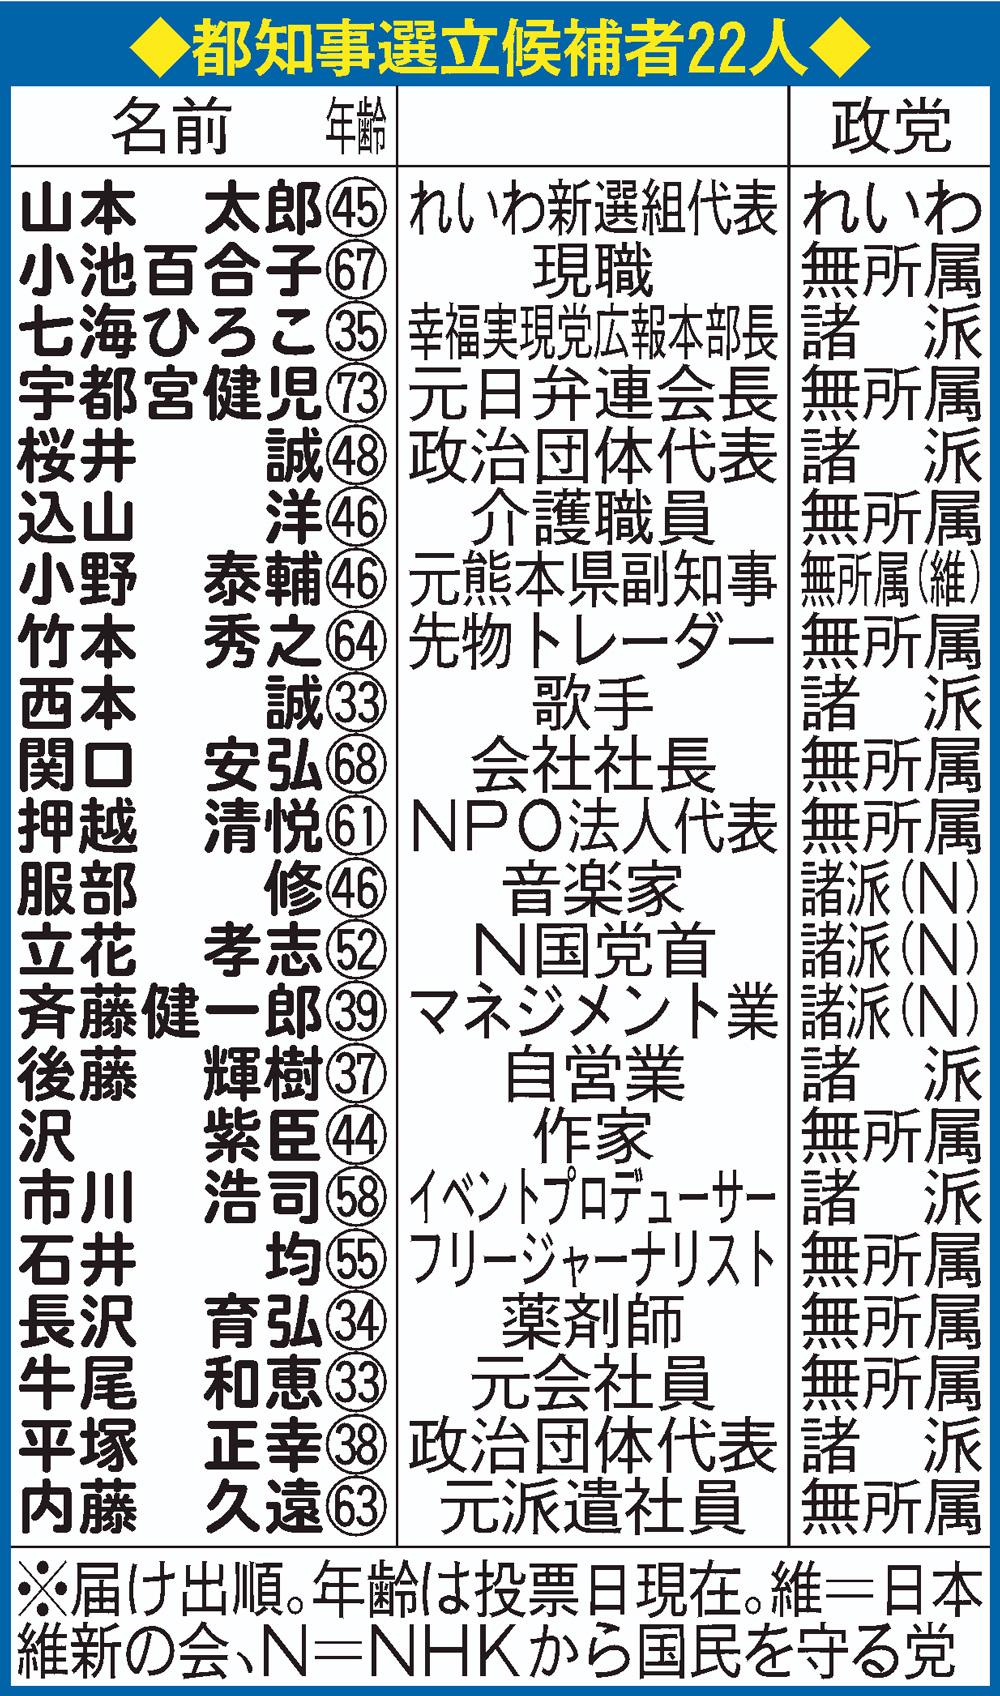 都知事選の立候補者22人